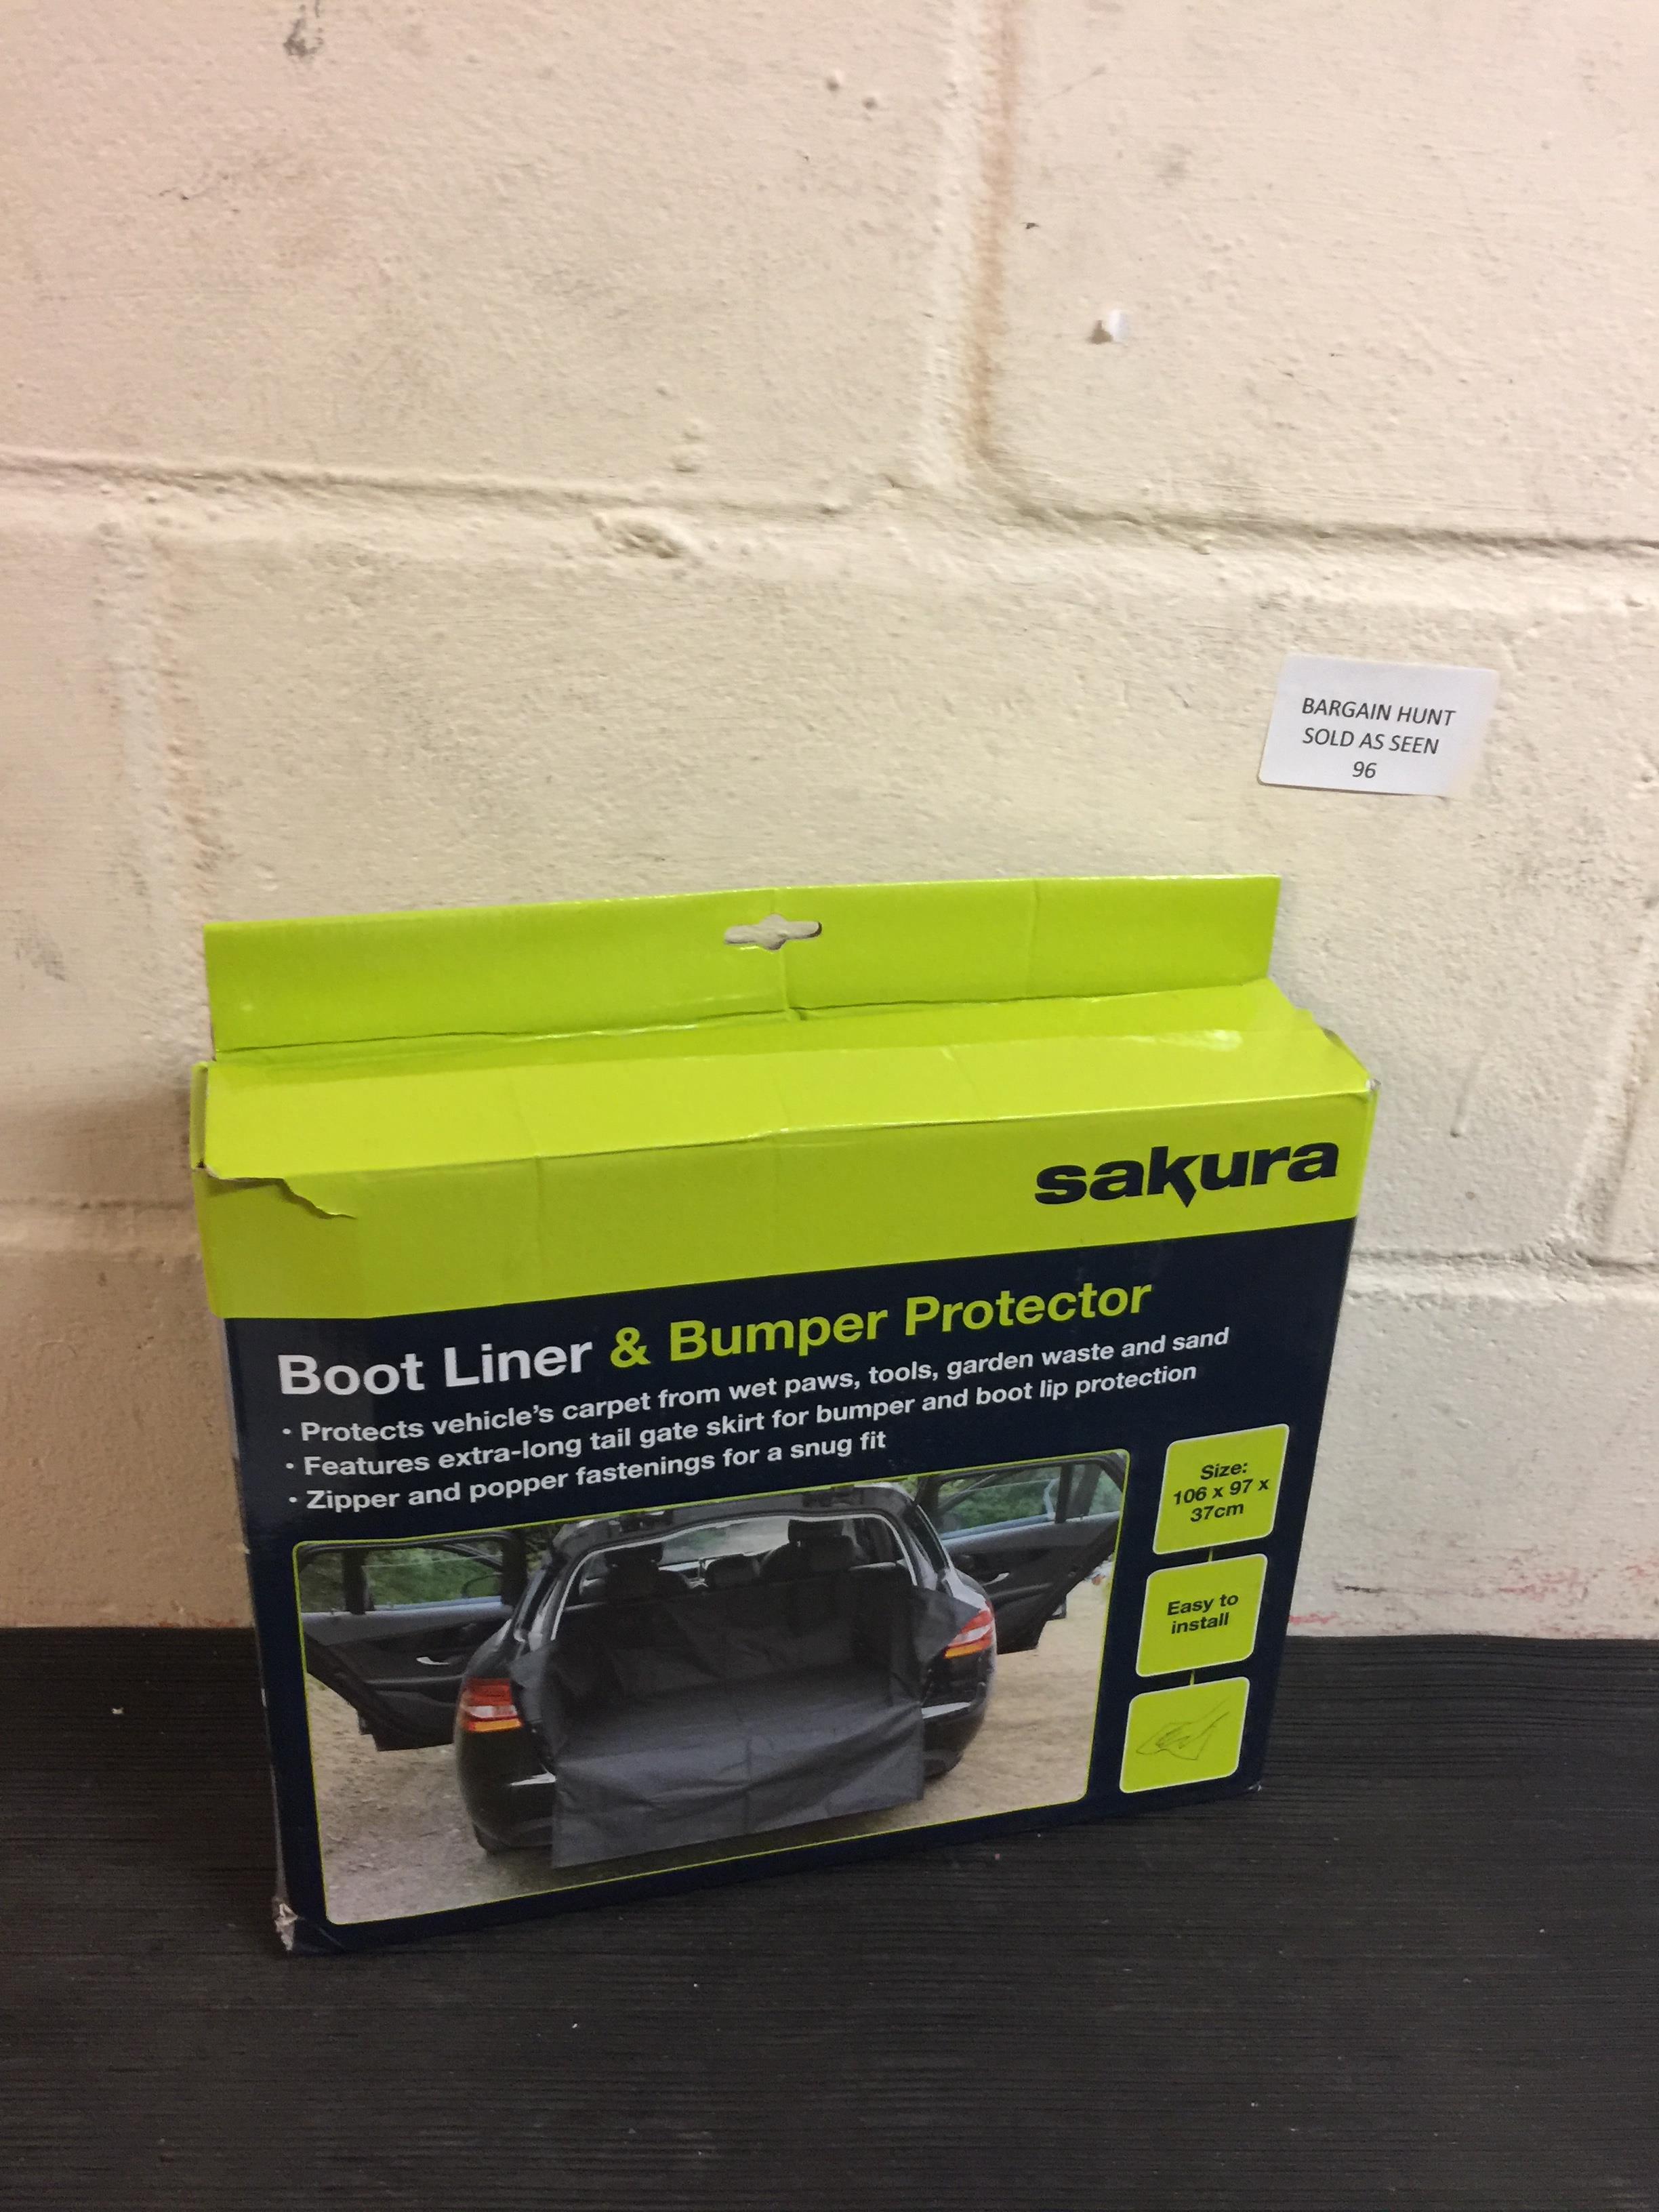 Lot 96 - Sakura Boot Liner & Bumper Protector